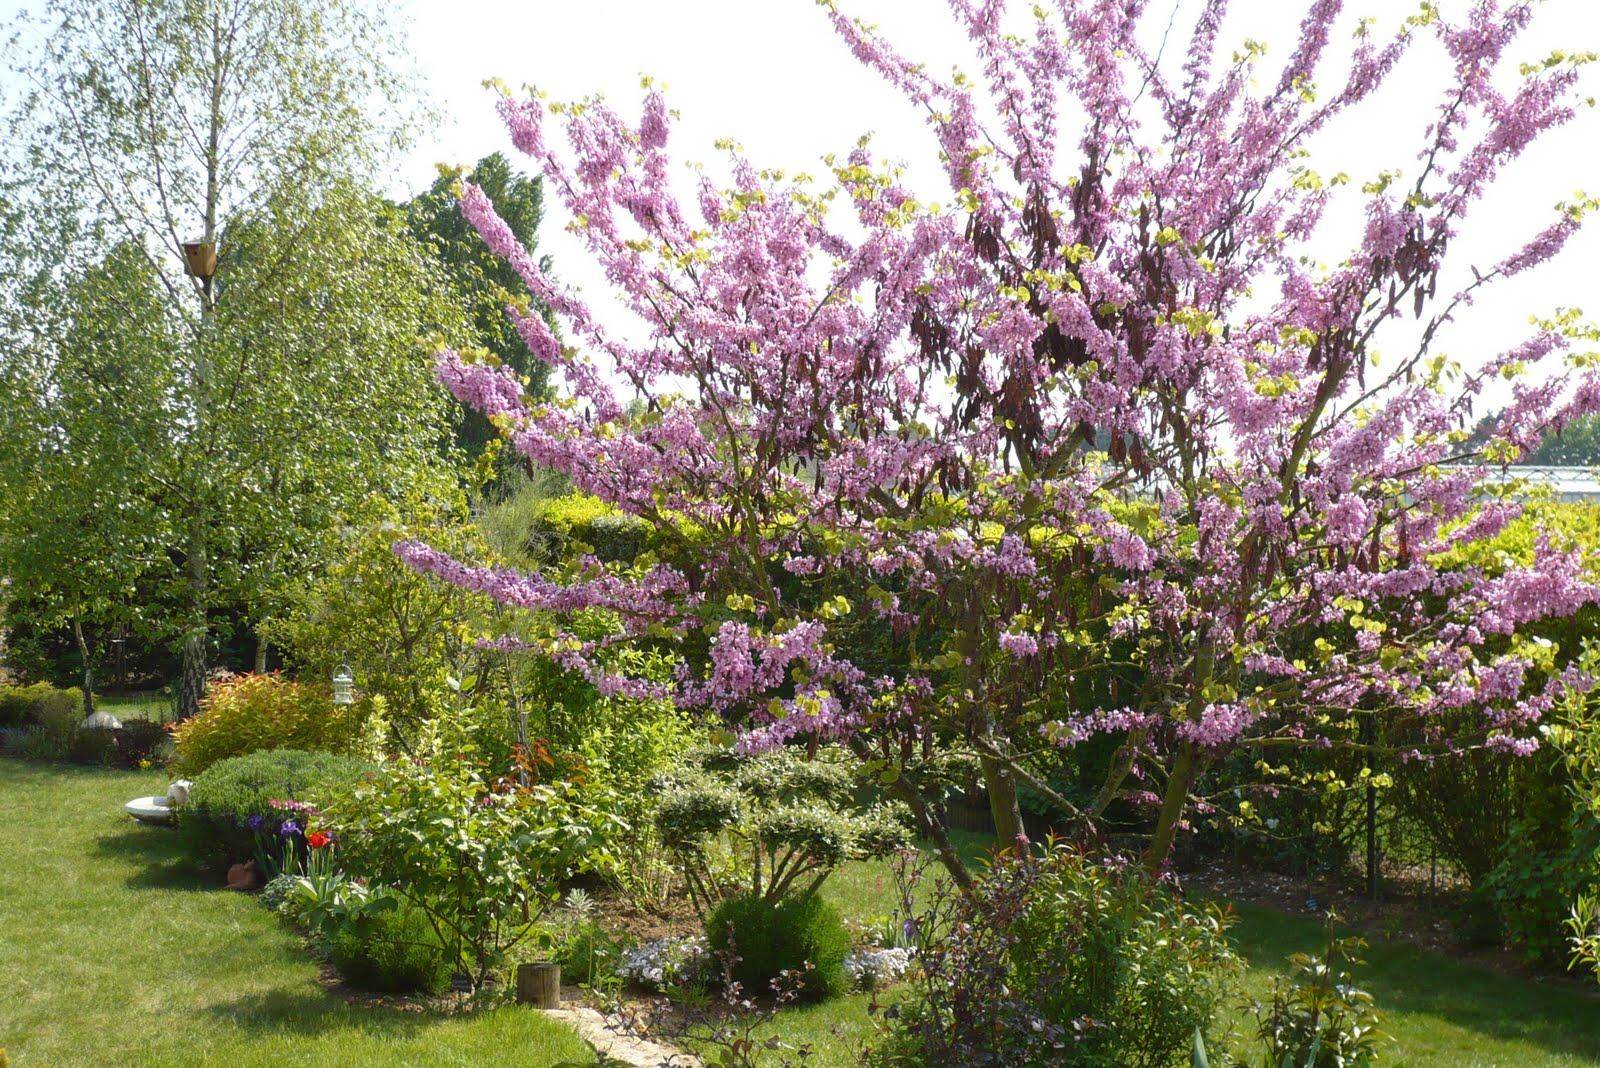 Le jardin de pacalou les douces couleurs du printemps for Les arbres du jardin